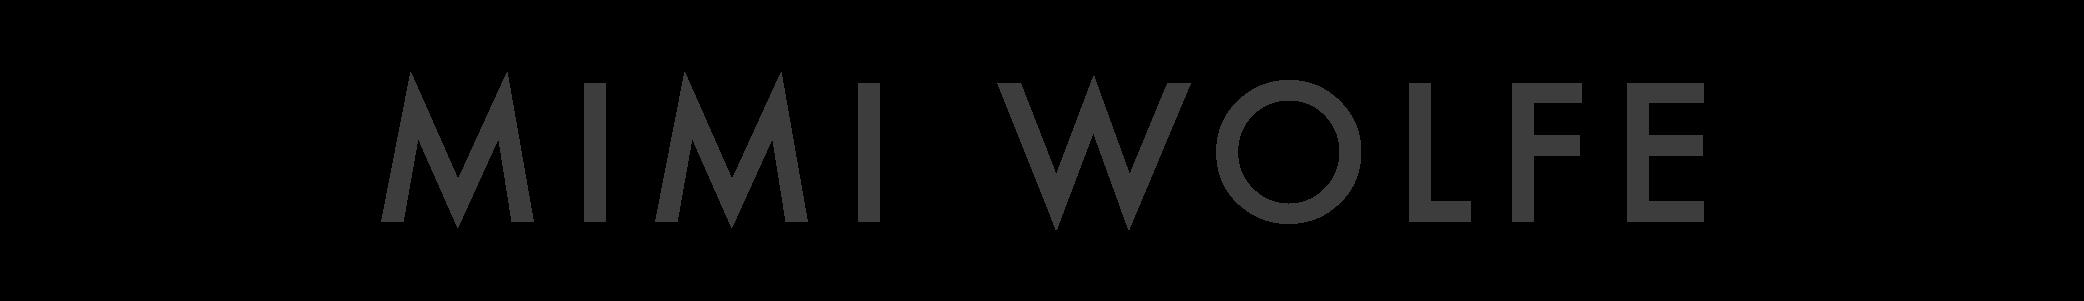 CnC-Website-MimiWolfe-H1.png